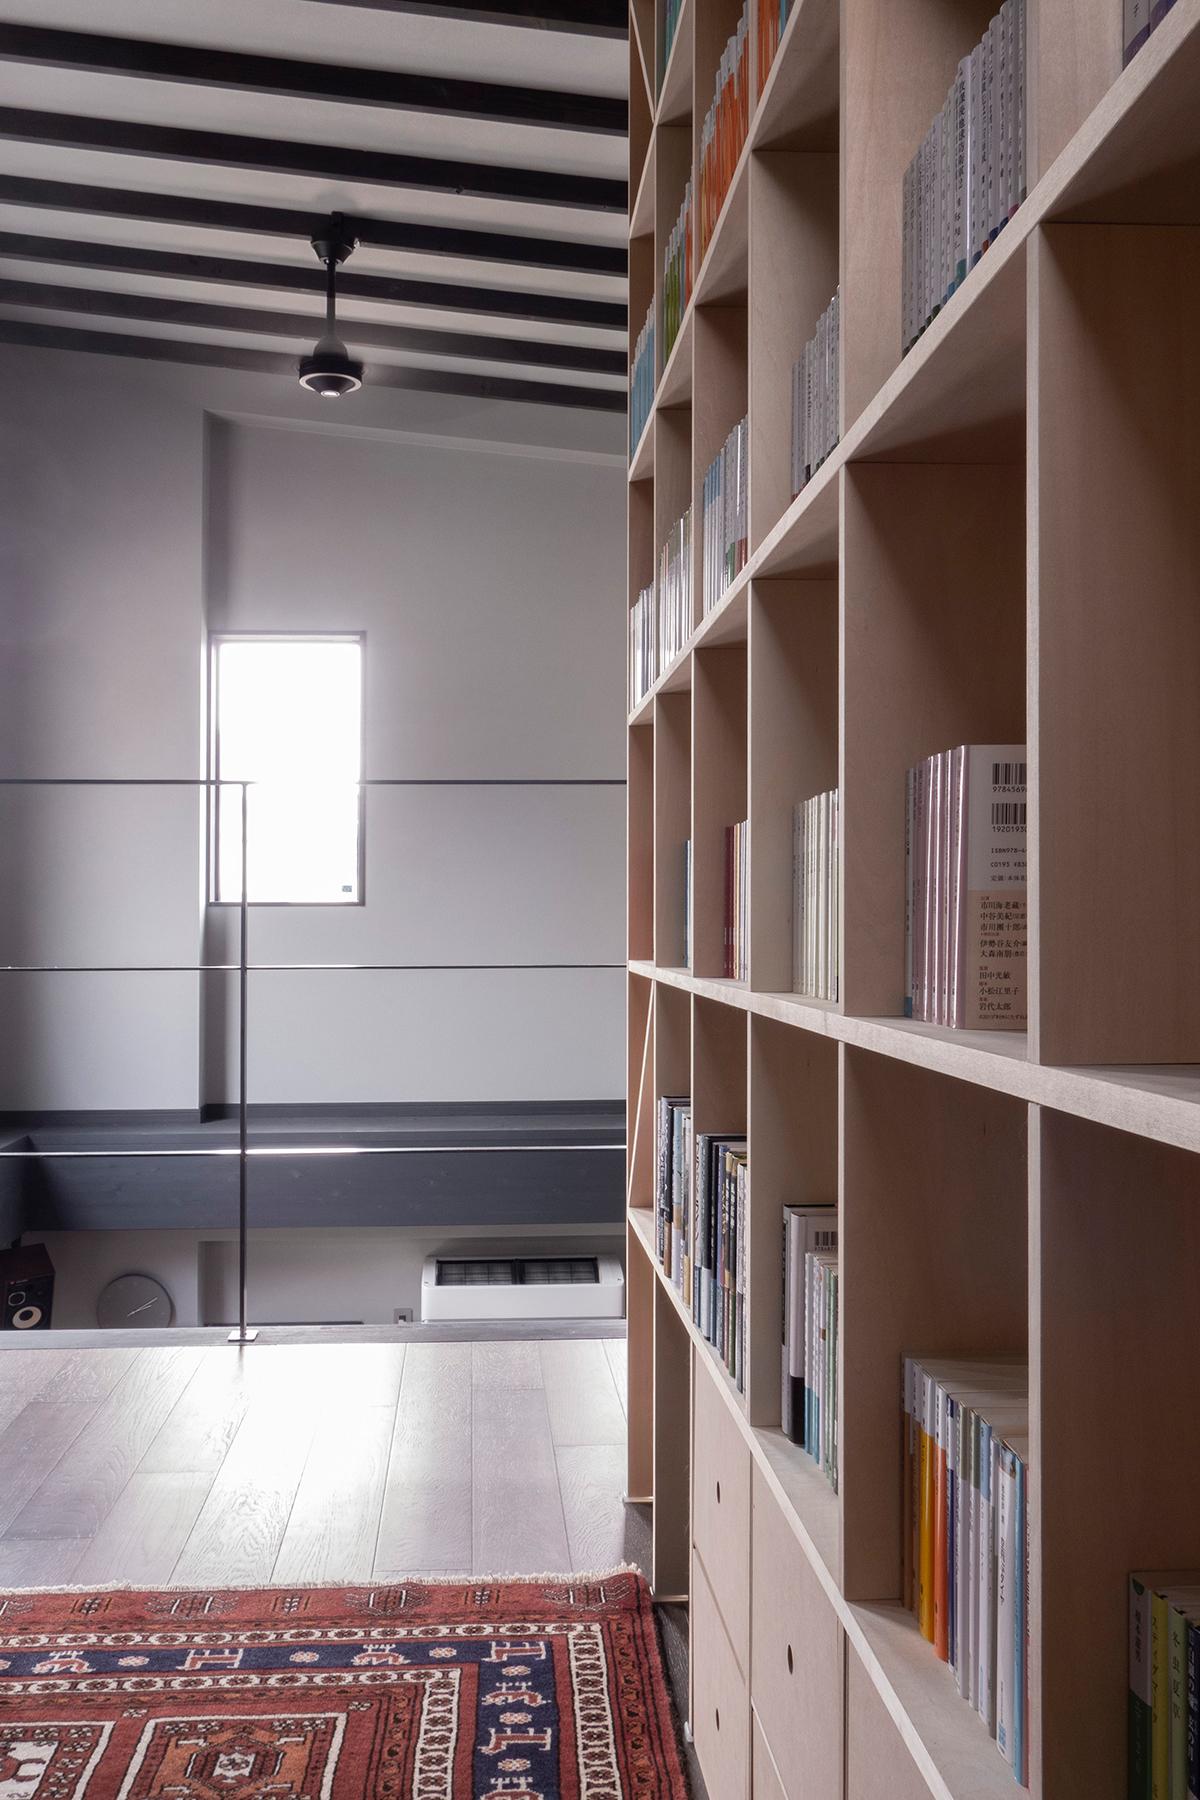 き抜けに面した2階の部屋に | 壁一面の本棚 奥行350mm / Shelf (No.105) | マルゲリータ使用例